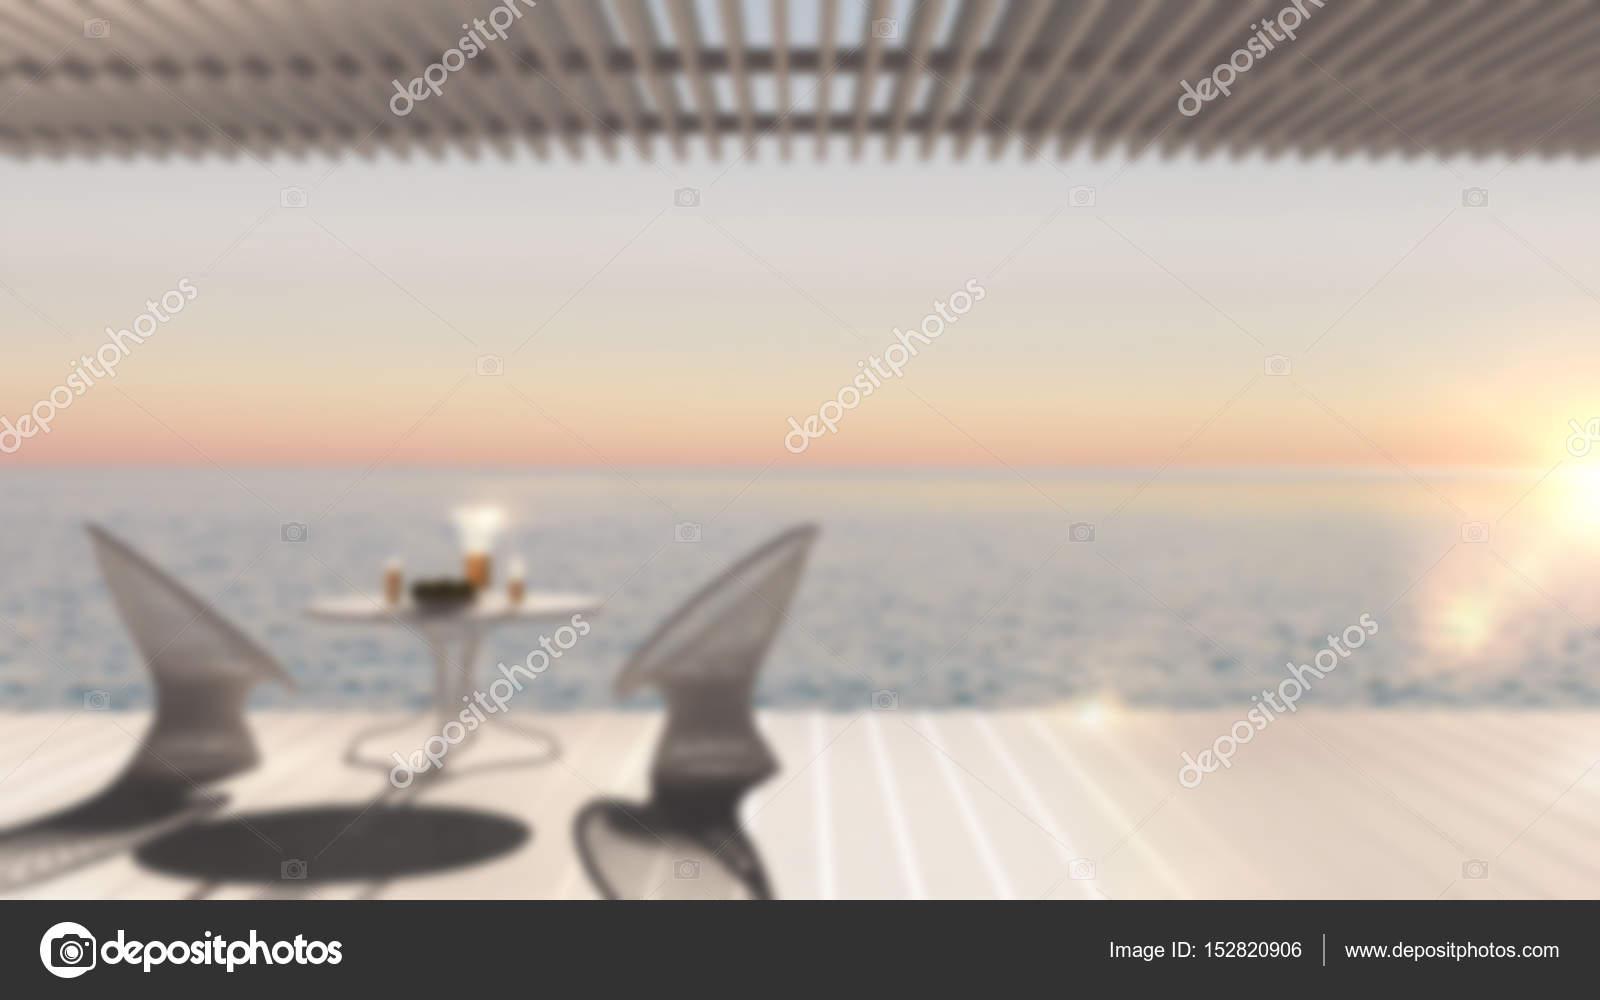 Vervagen de achtergrond interieur minimalistisch modern terras